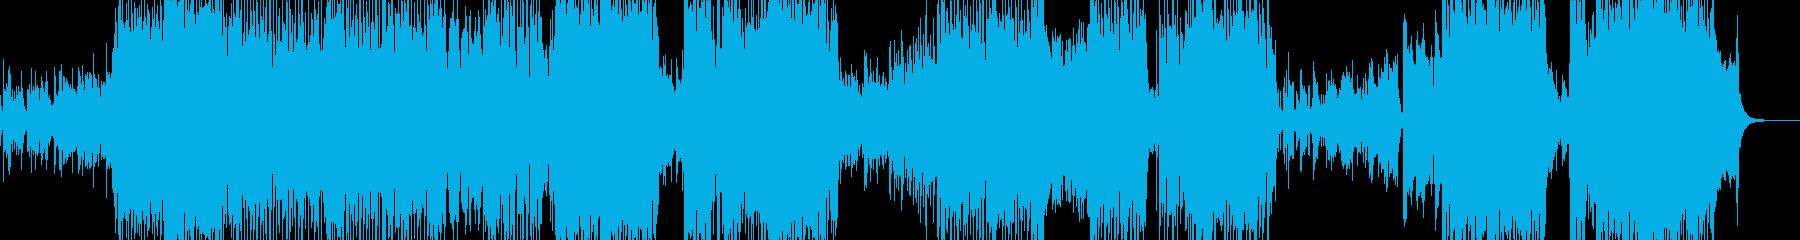 沖縄・南国を感じるアコギテクノポップ Lの再生済みの波形